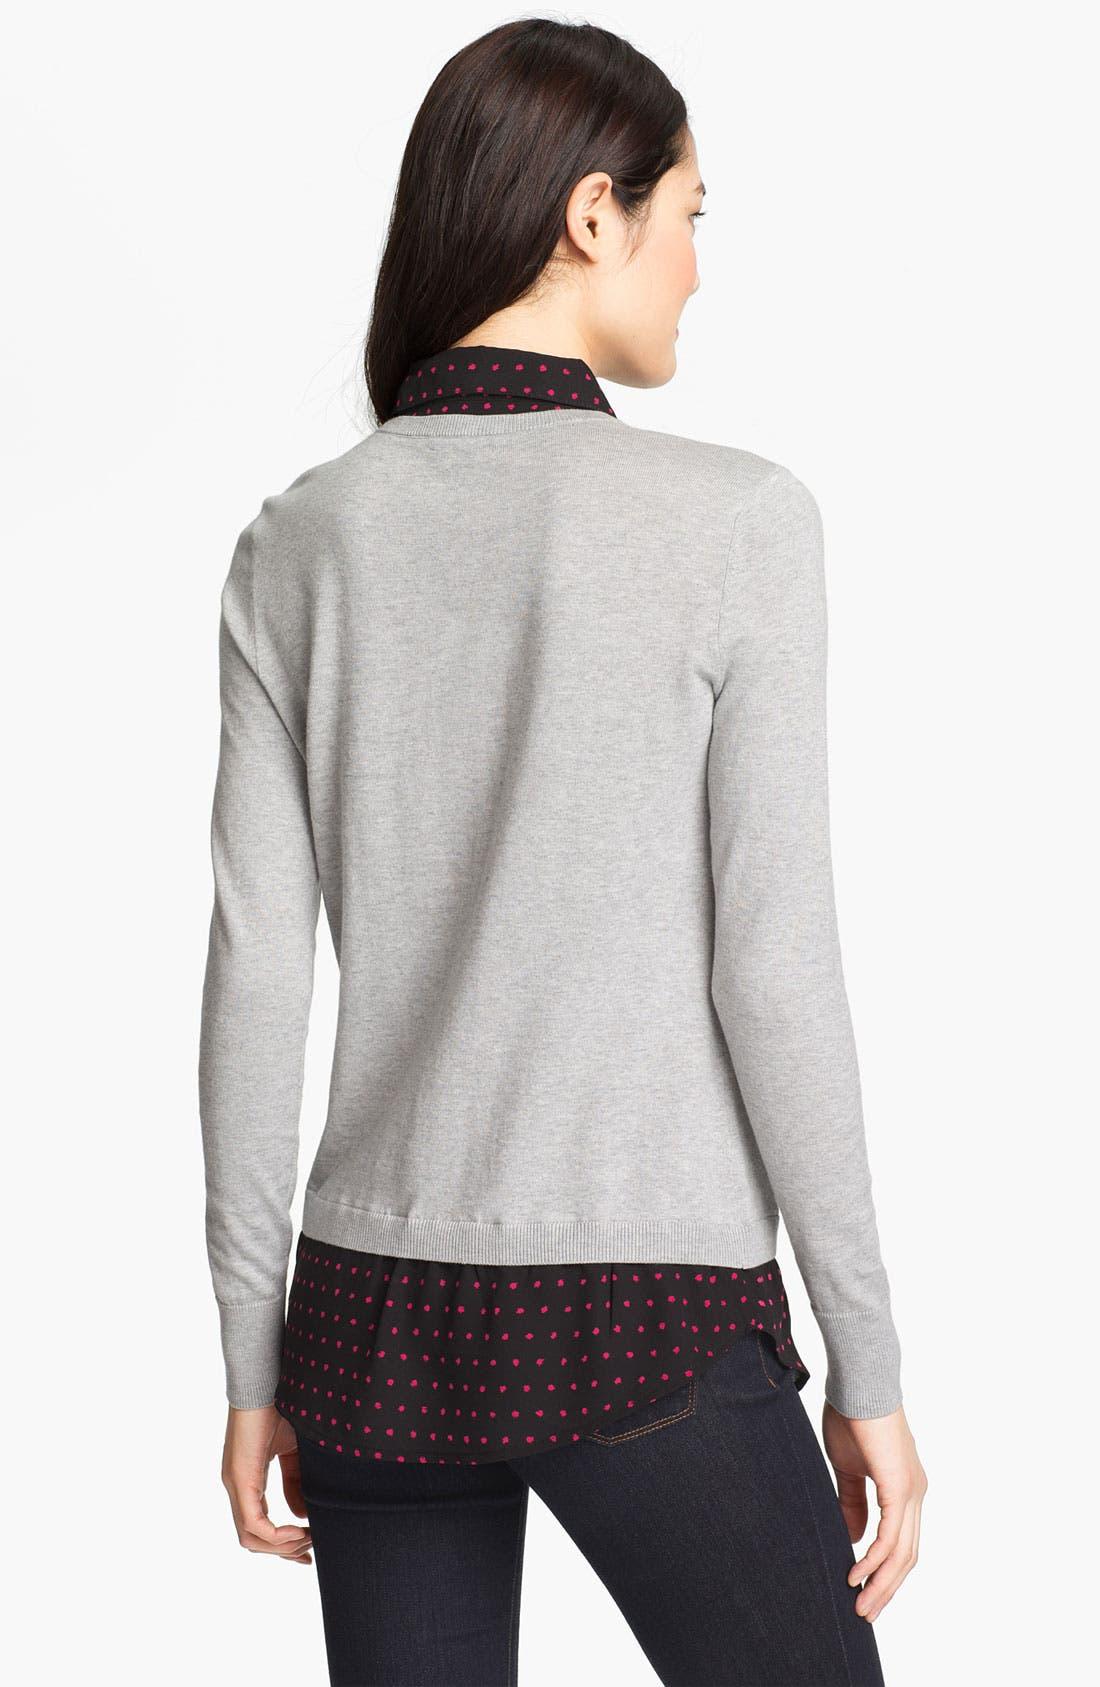 Alternate Image 2  - Halogen Mock Sweater & Blouse Set